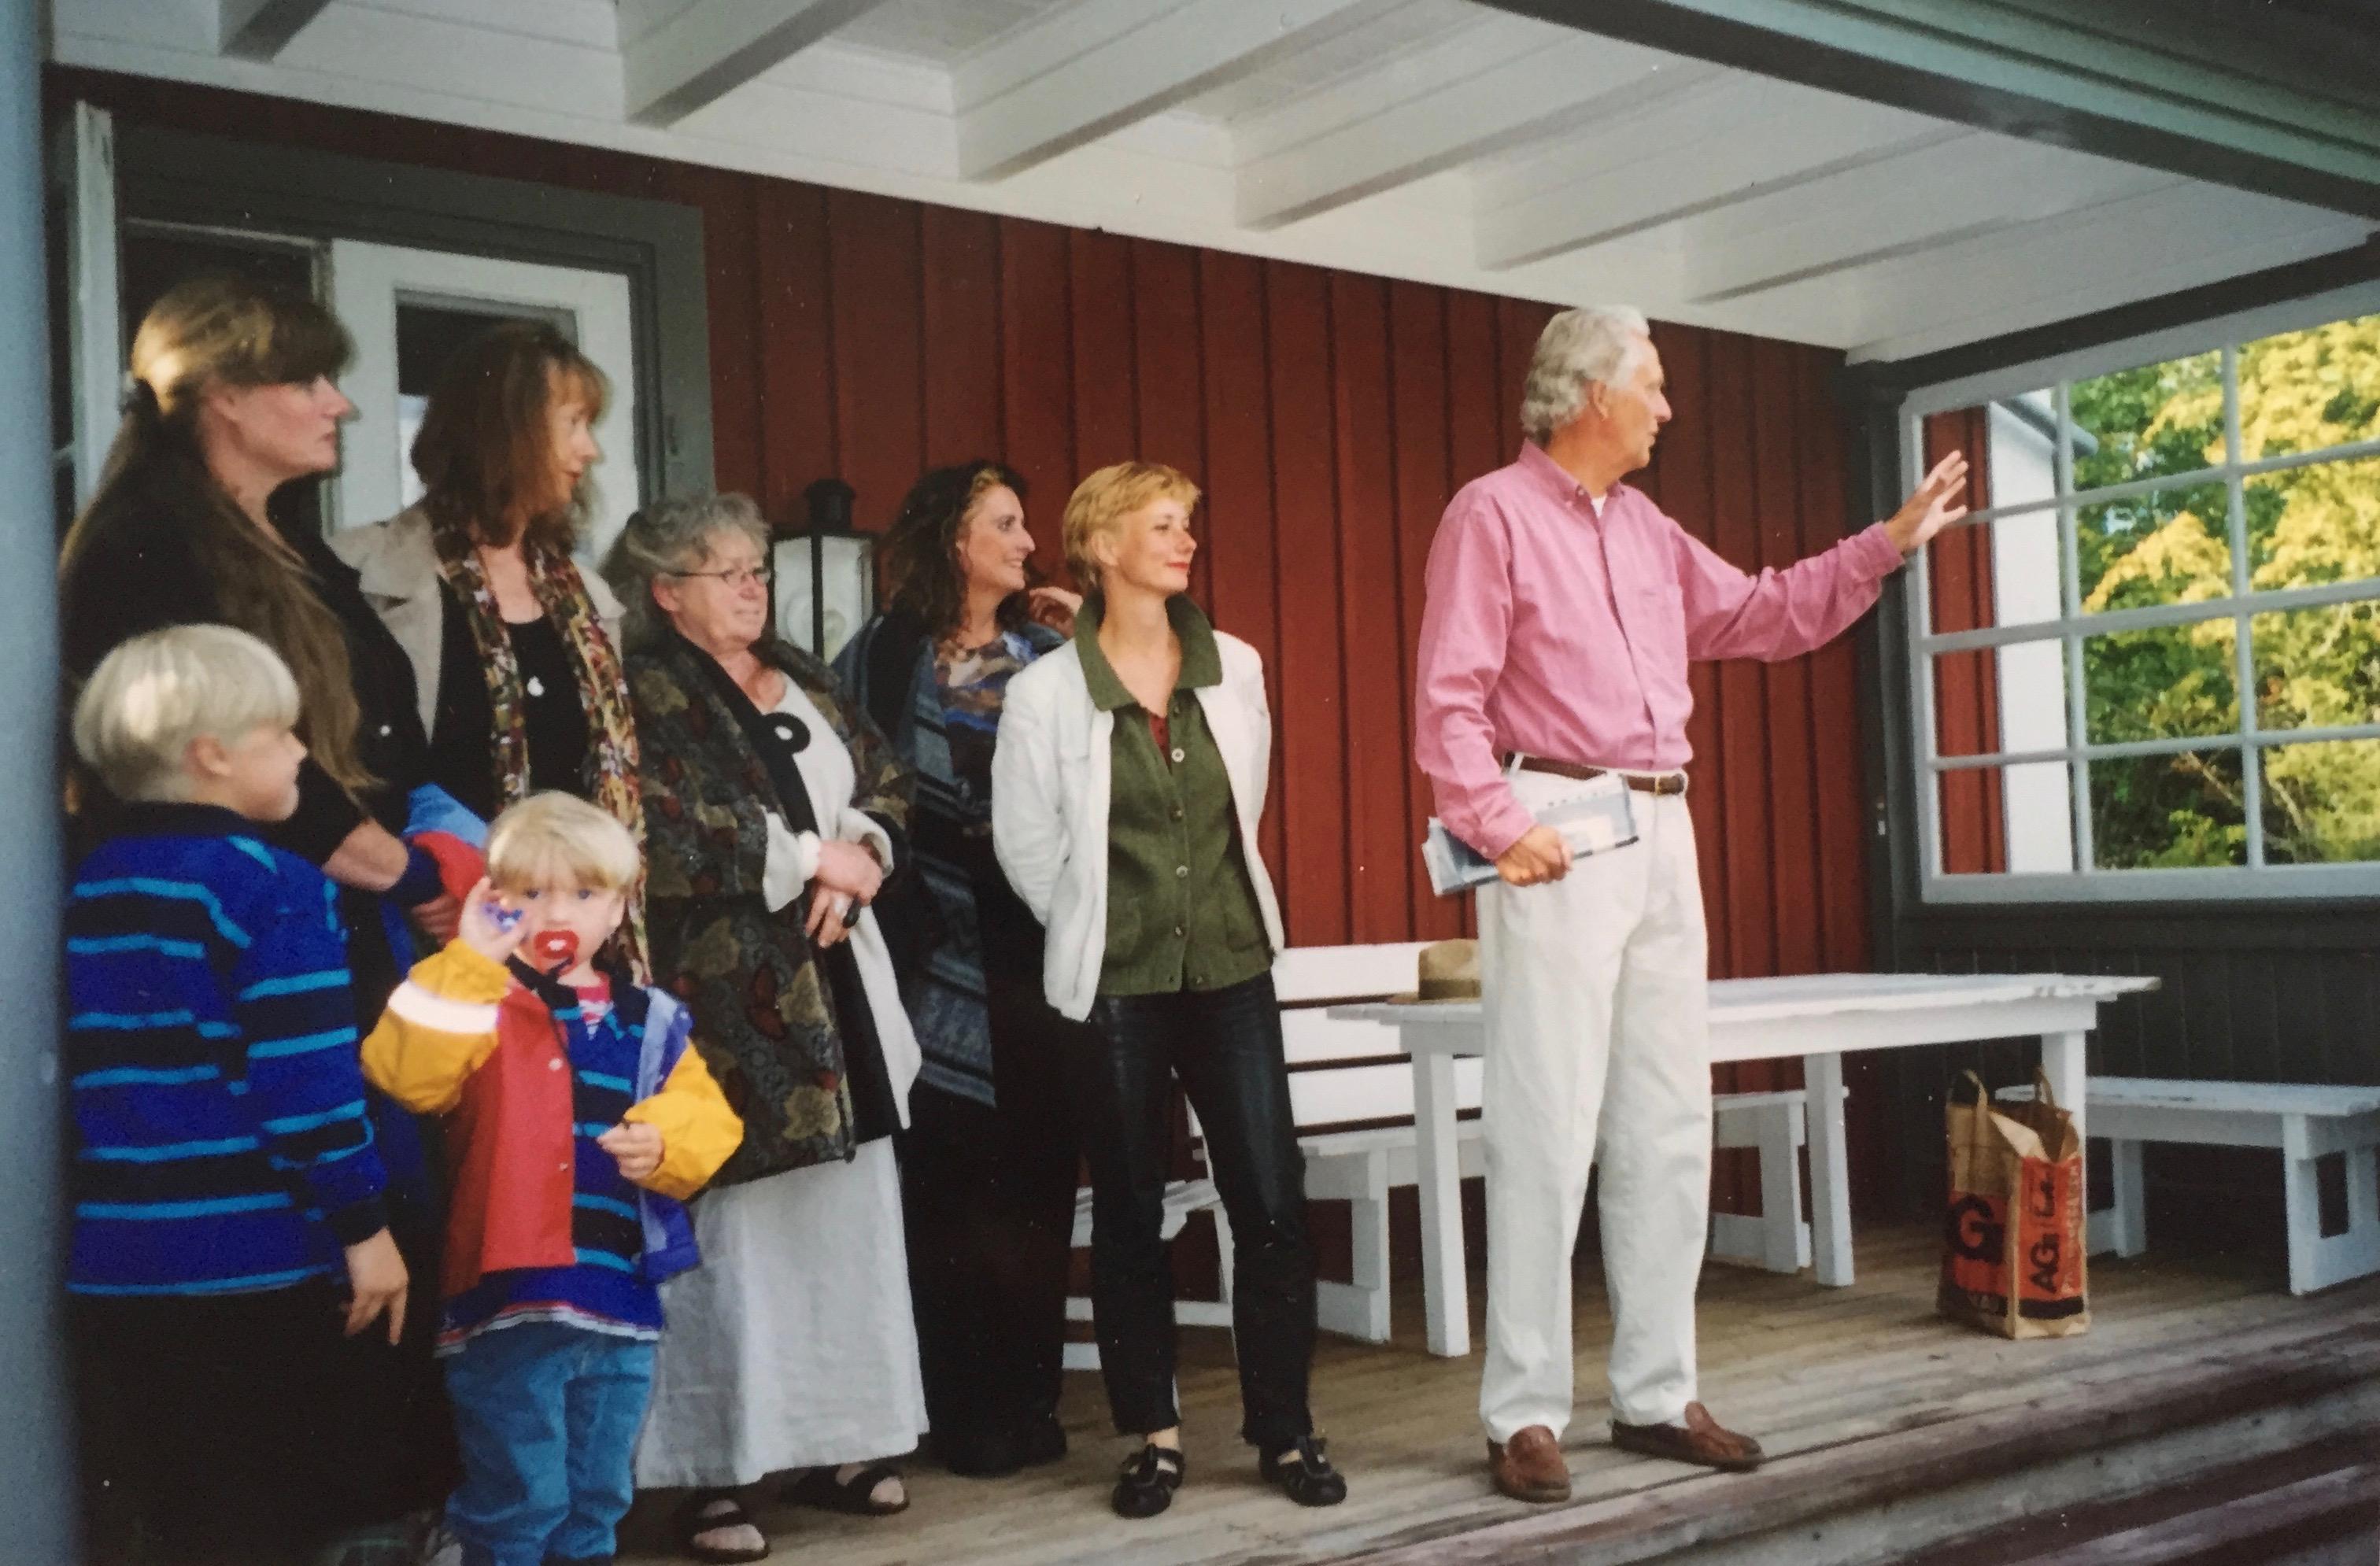 PO Swartz o Liselotte Henriksen, Lena Cedergren, Birgitta Wennerling, Birgitta Stenberg, Karin Lind och Joanna Troikowicz.